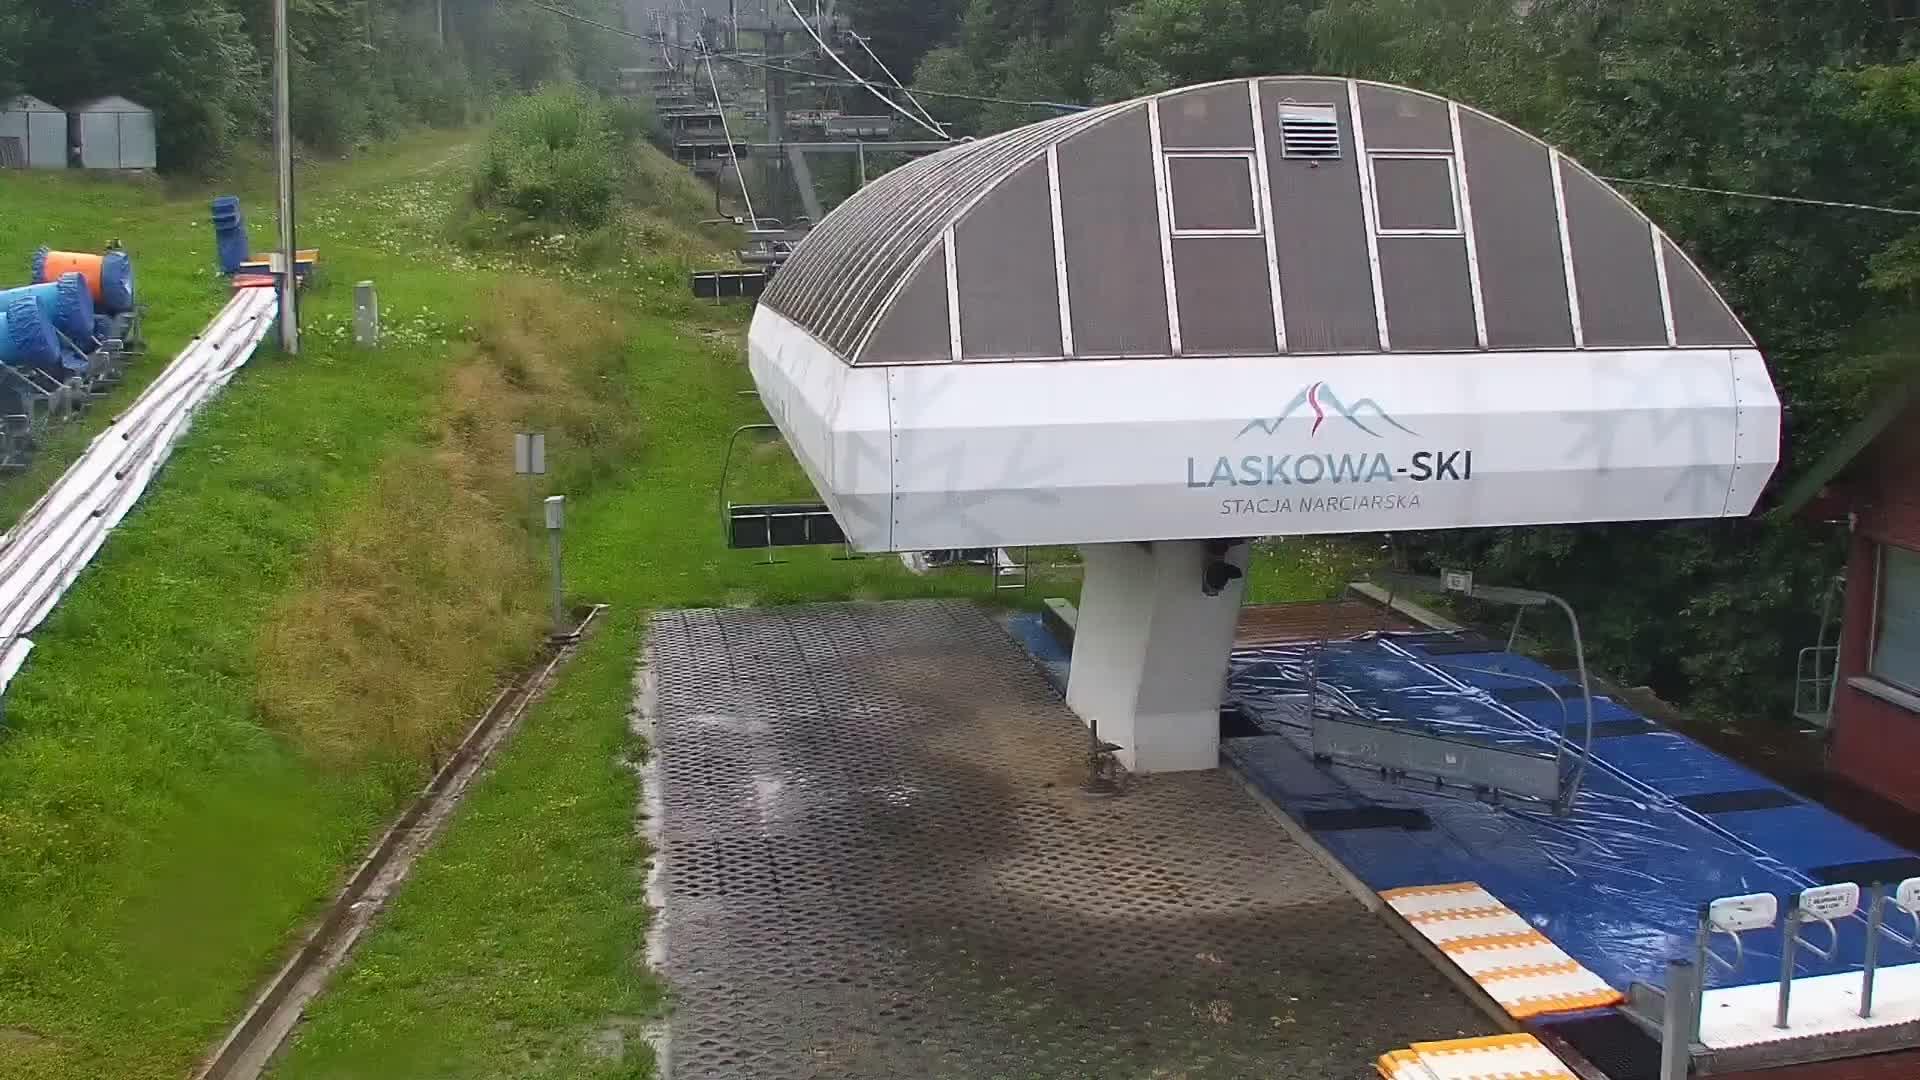 obraz z kamery odświeża się automatycznie co godzinę -  jeśli chcesz zobaczyć aktualn&#261 sytuację na stoku kliknij KAMERA LIVE